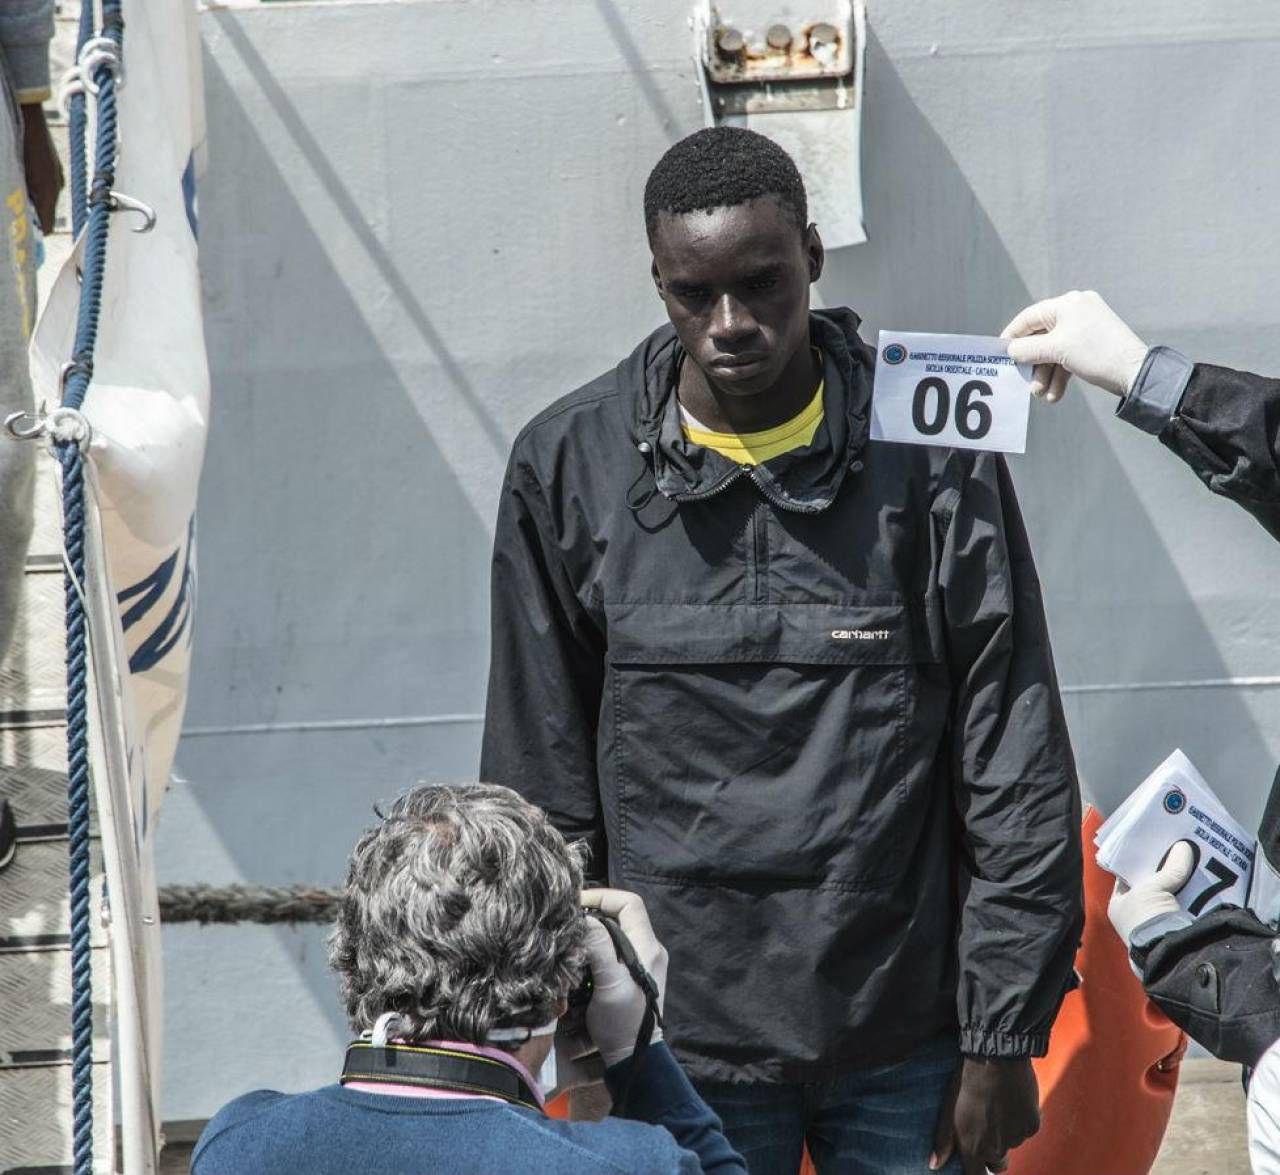 Migranti identificati dalla polizia appena dopo lo sbarco in Italia su uno dei barconi degli scafisti